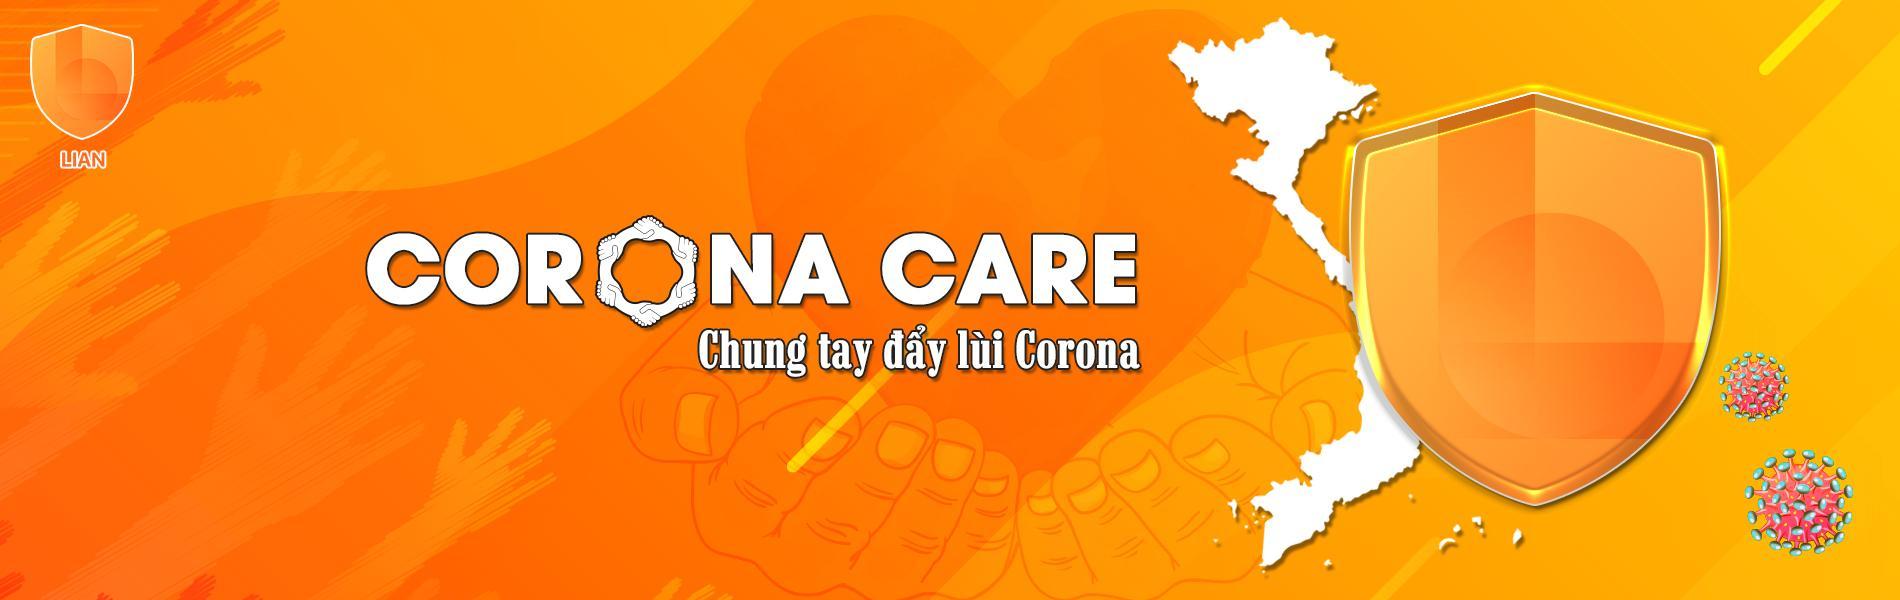 Mua Bảo hiểm Corona phòng rủi ro mùa dịch - hinh 2